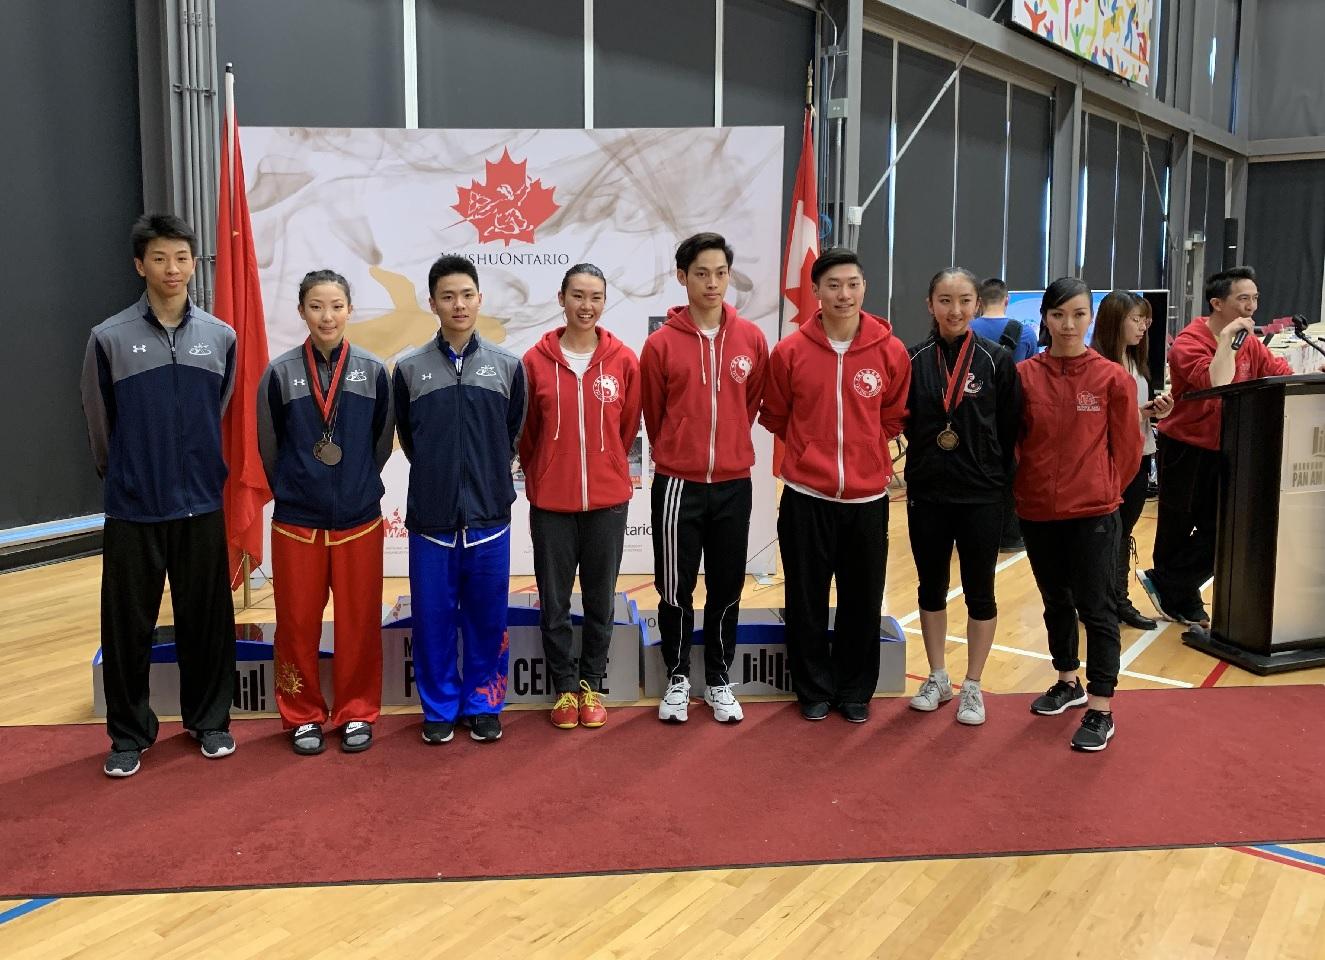 wayland-li-wushu-canadian-championships-2019-markham-01.jpg